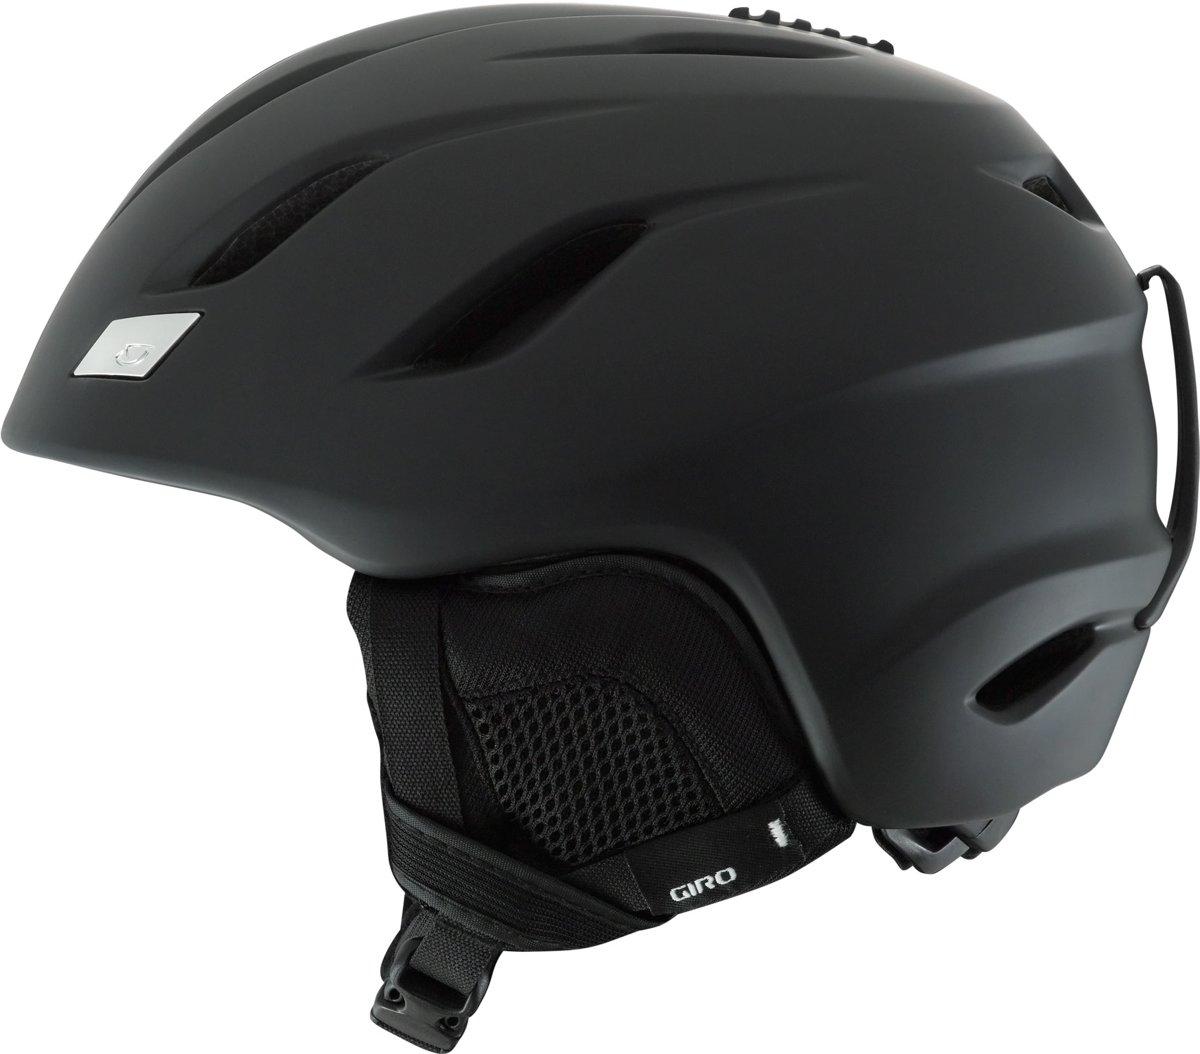 Giro Skihelm - Unisex - zwart S: 51-55cm kopen